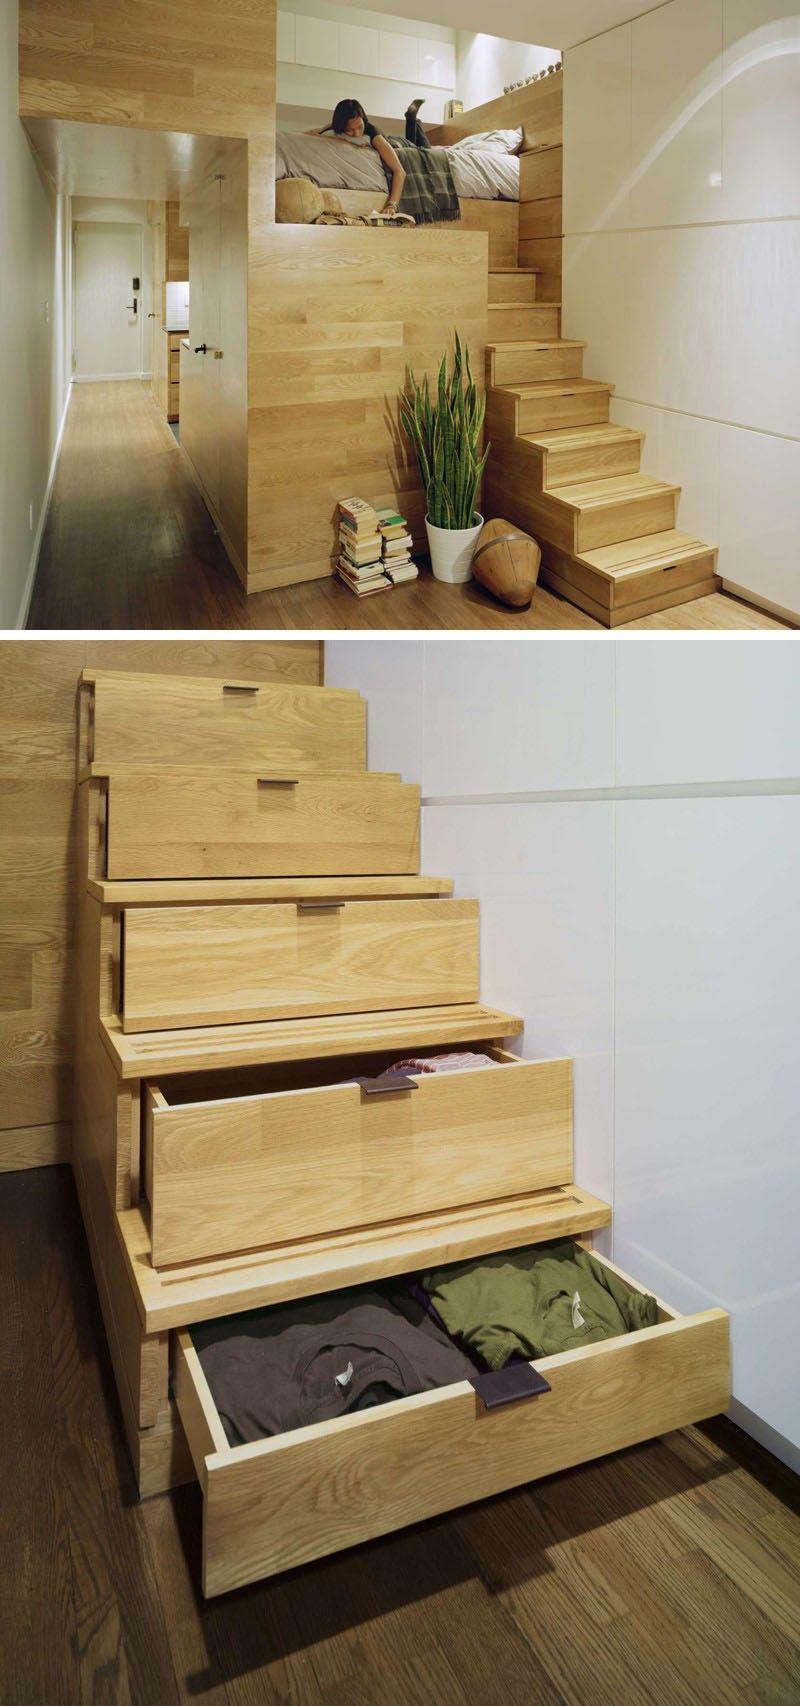 13 Treppe Design Ideen für kleine Räume / / die Treppe zum Hochbett ...